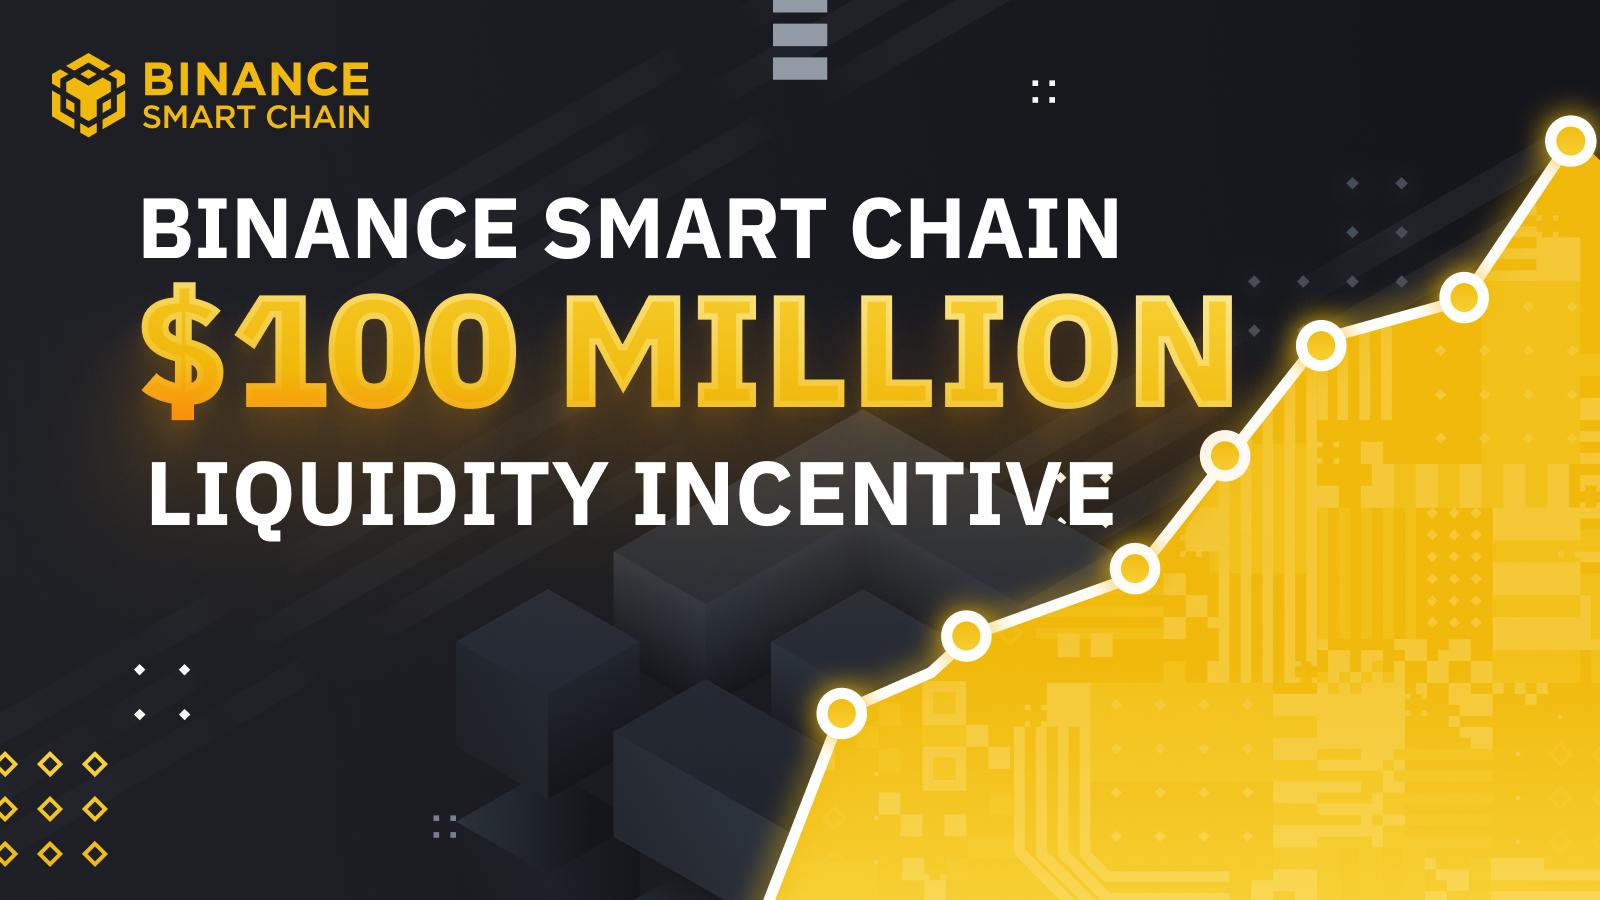 BSC Liquidity Incentive Program